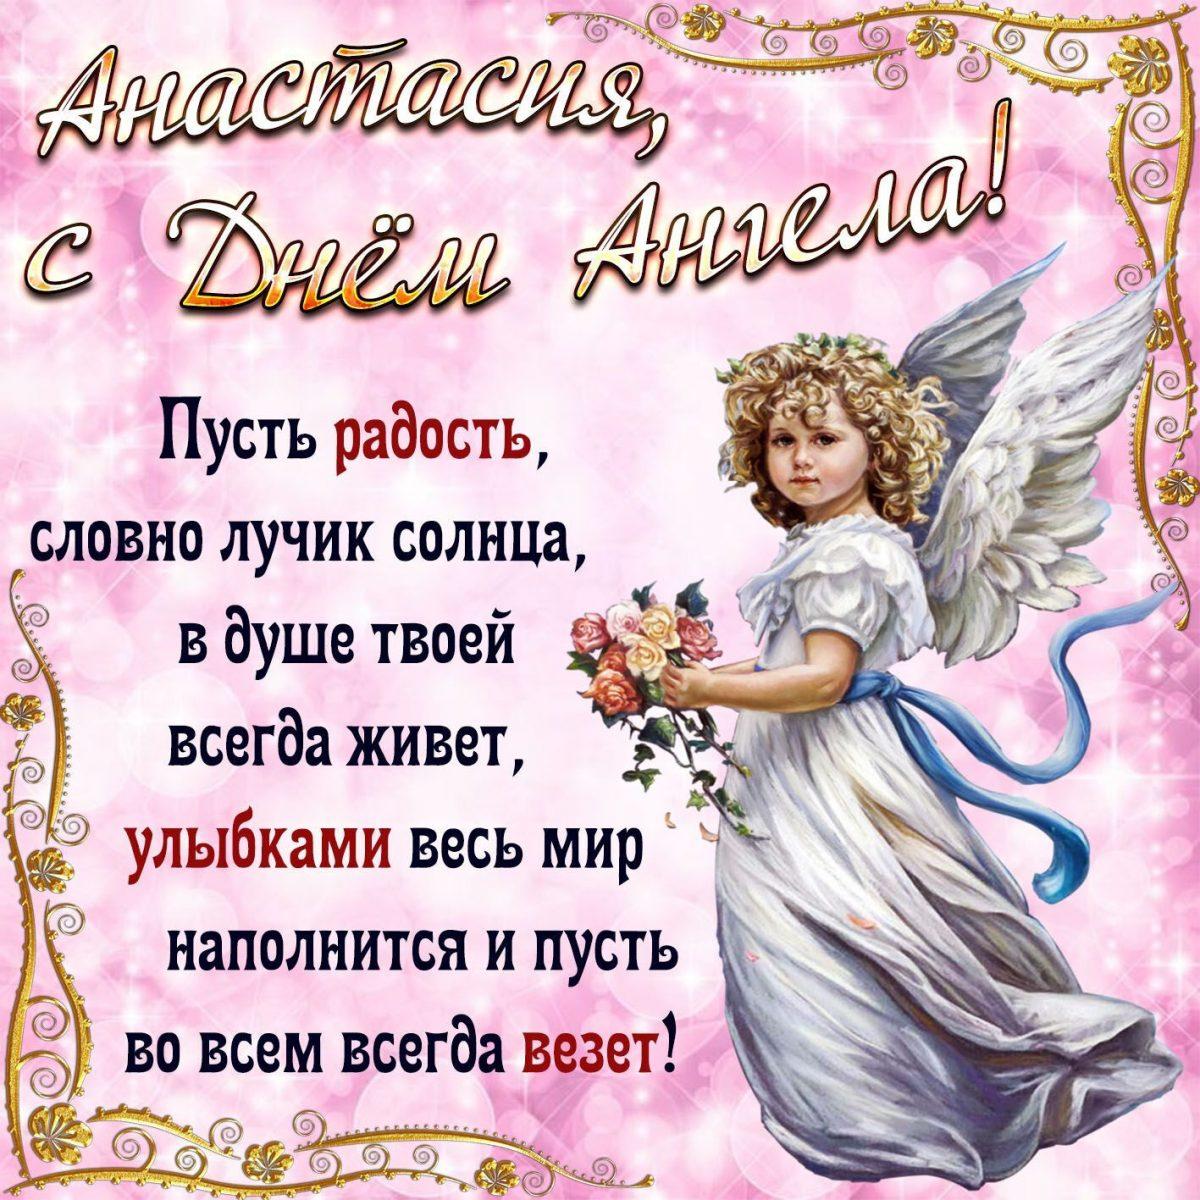 С днем ангела Анастасии 2020 - поздравления, картинки и видео